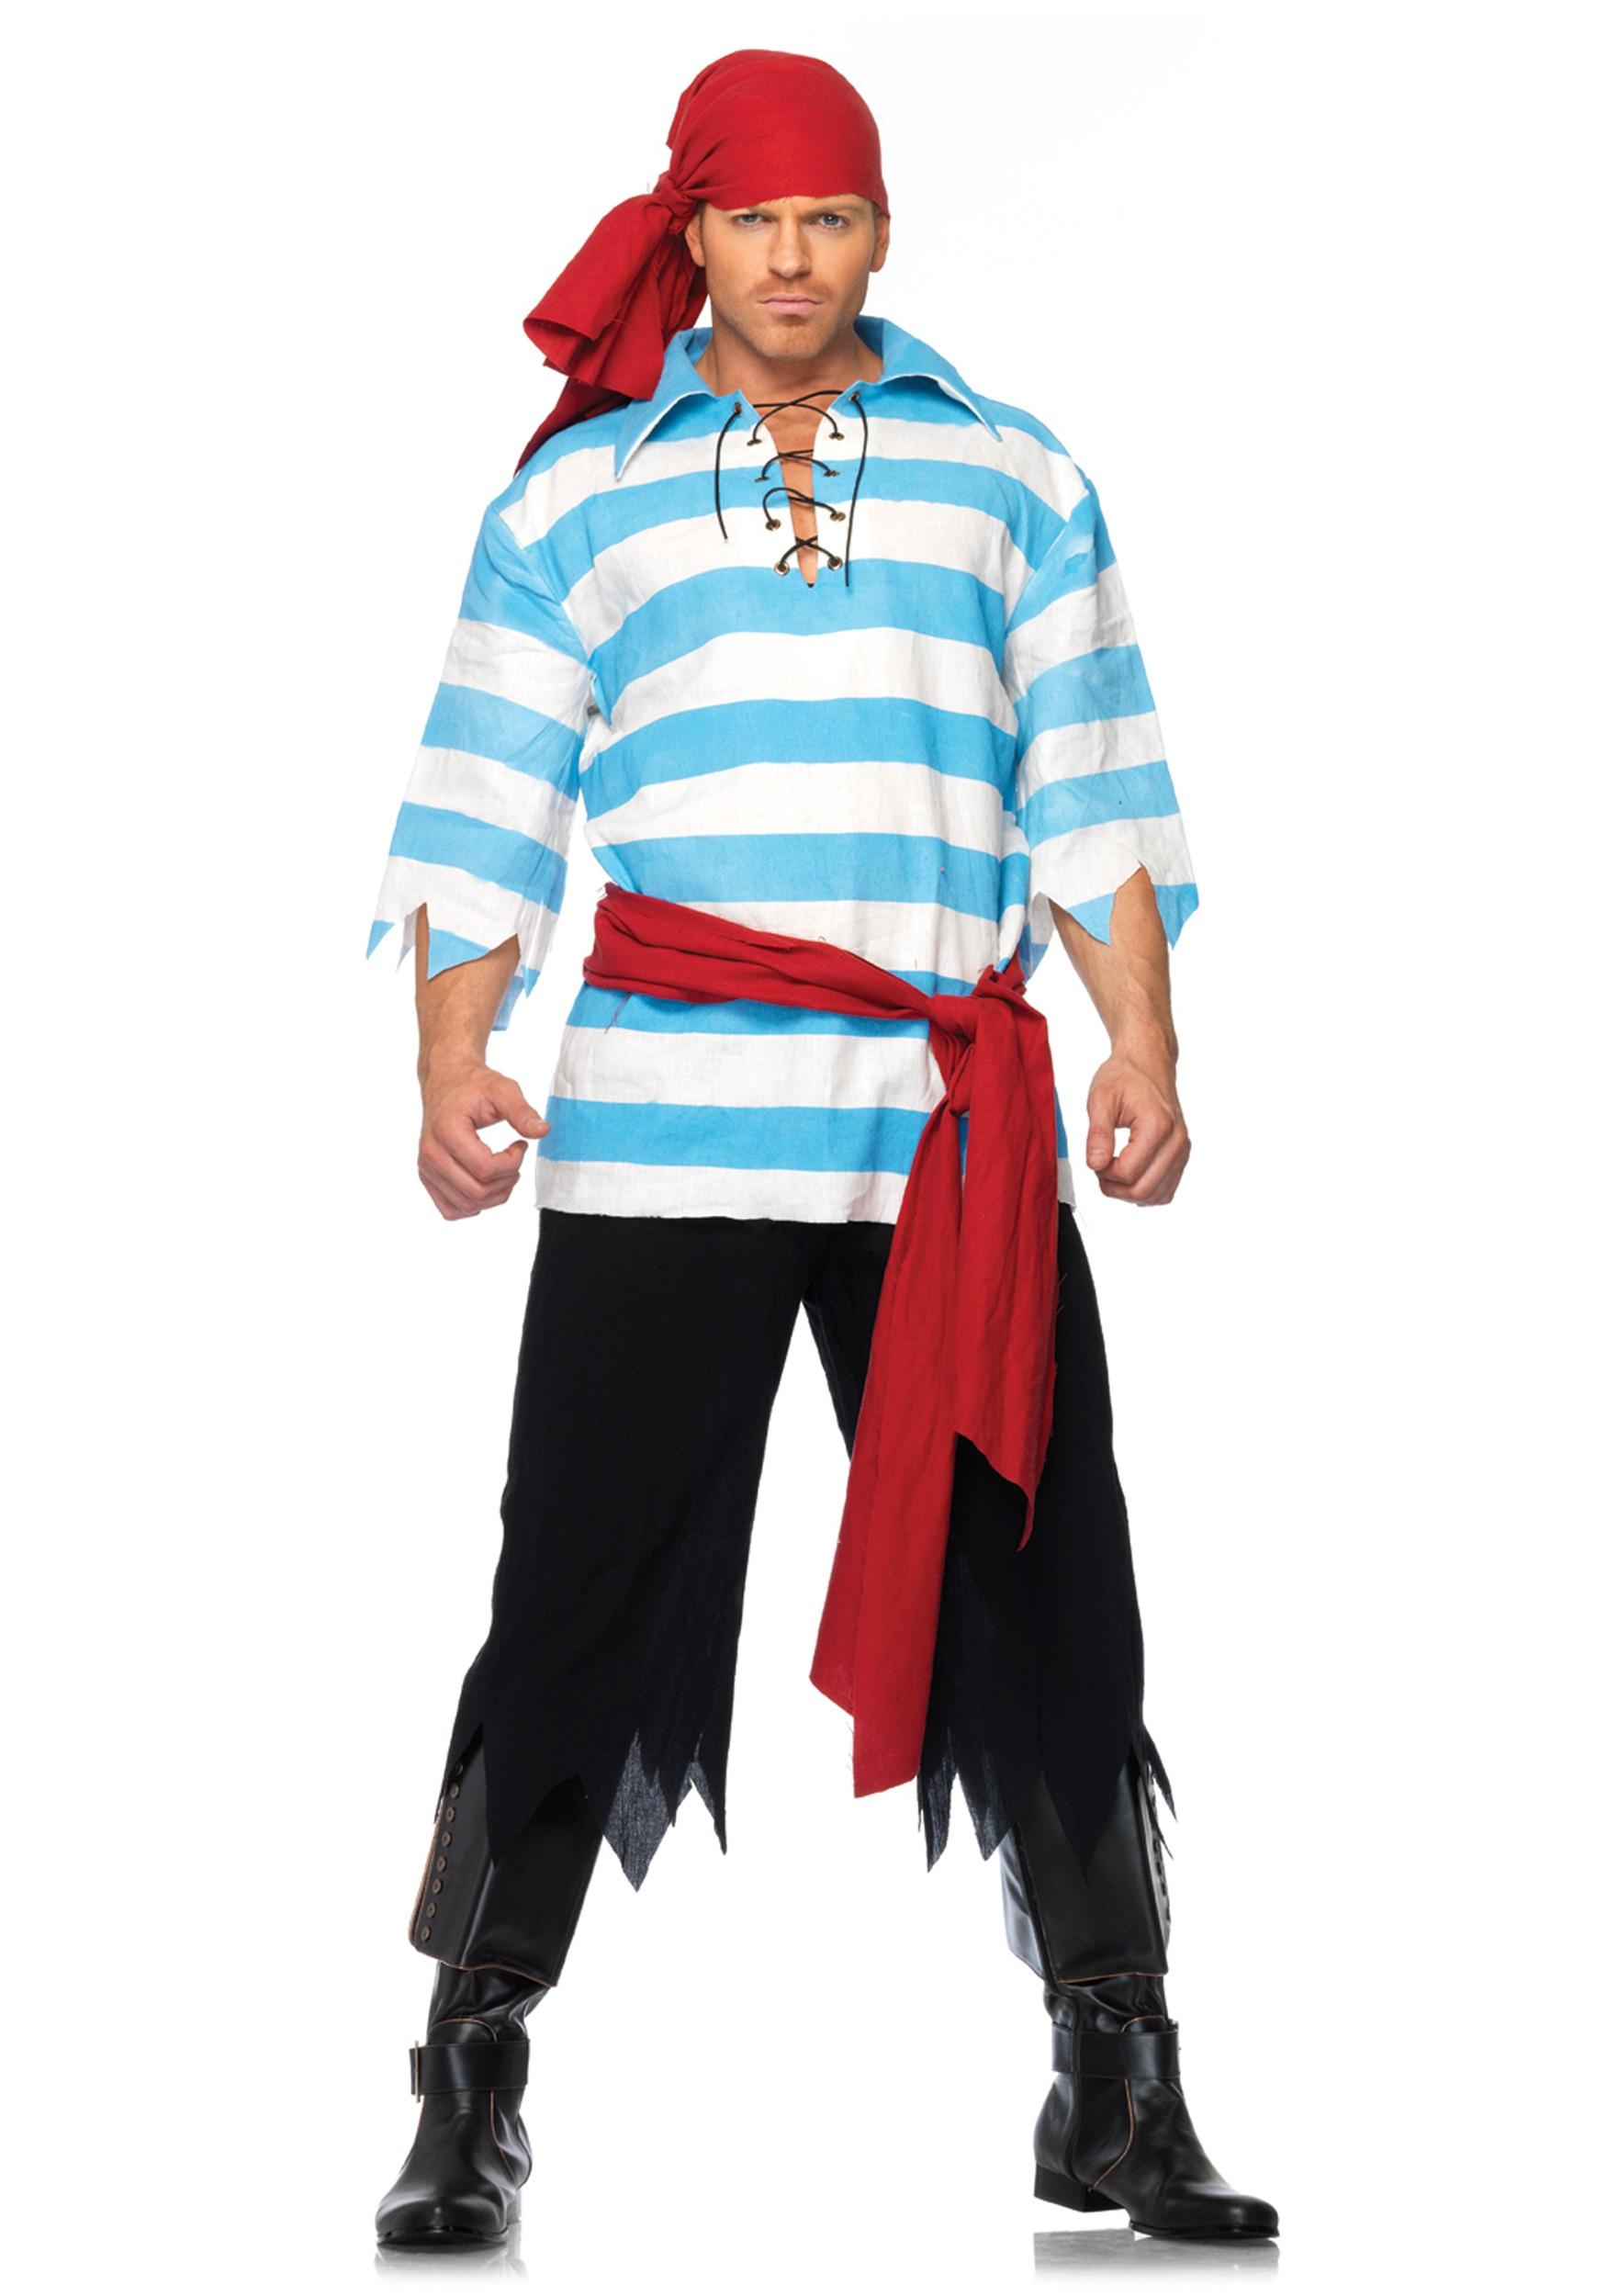 Homemade Disney Costume Ideas Easy Disney Costumes For Men